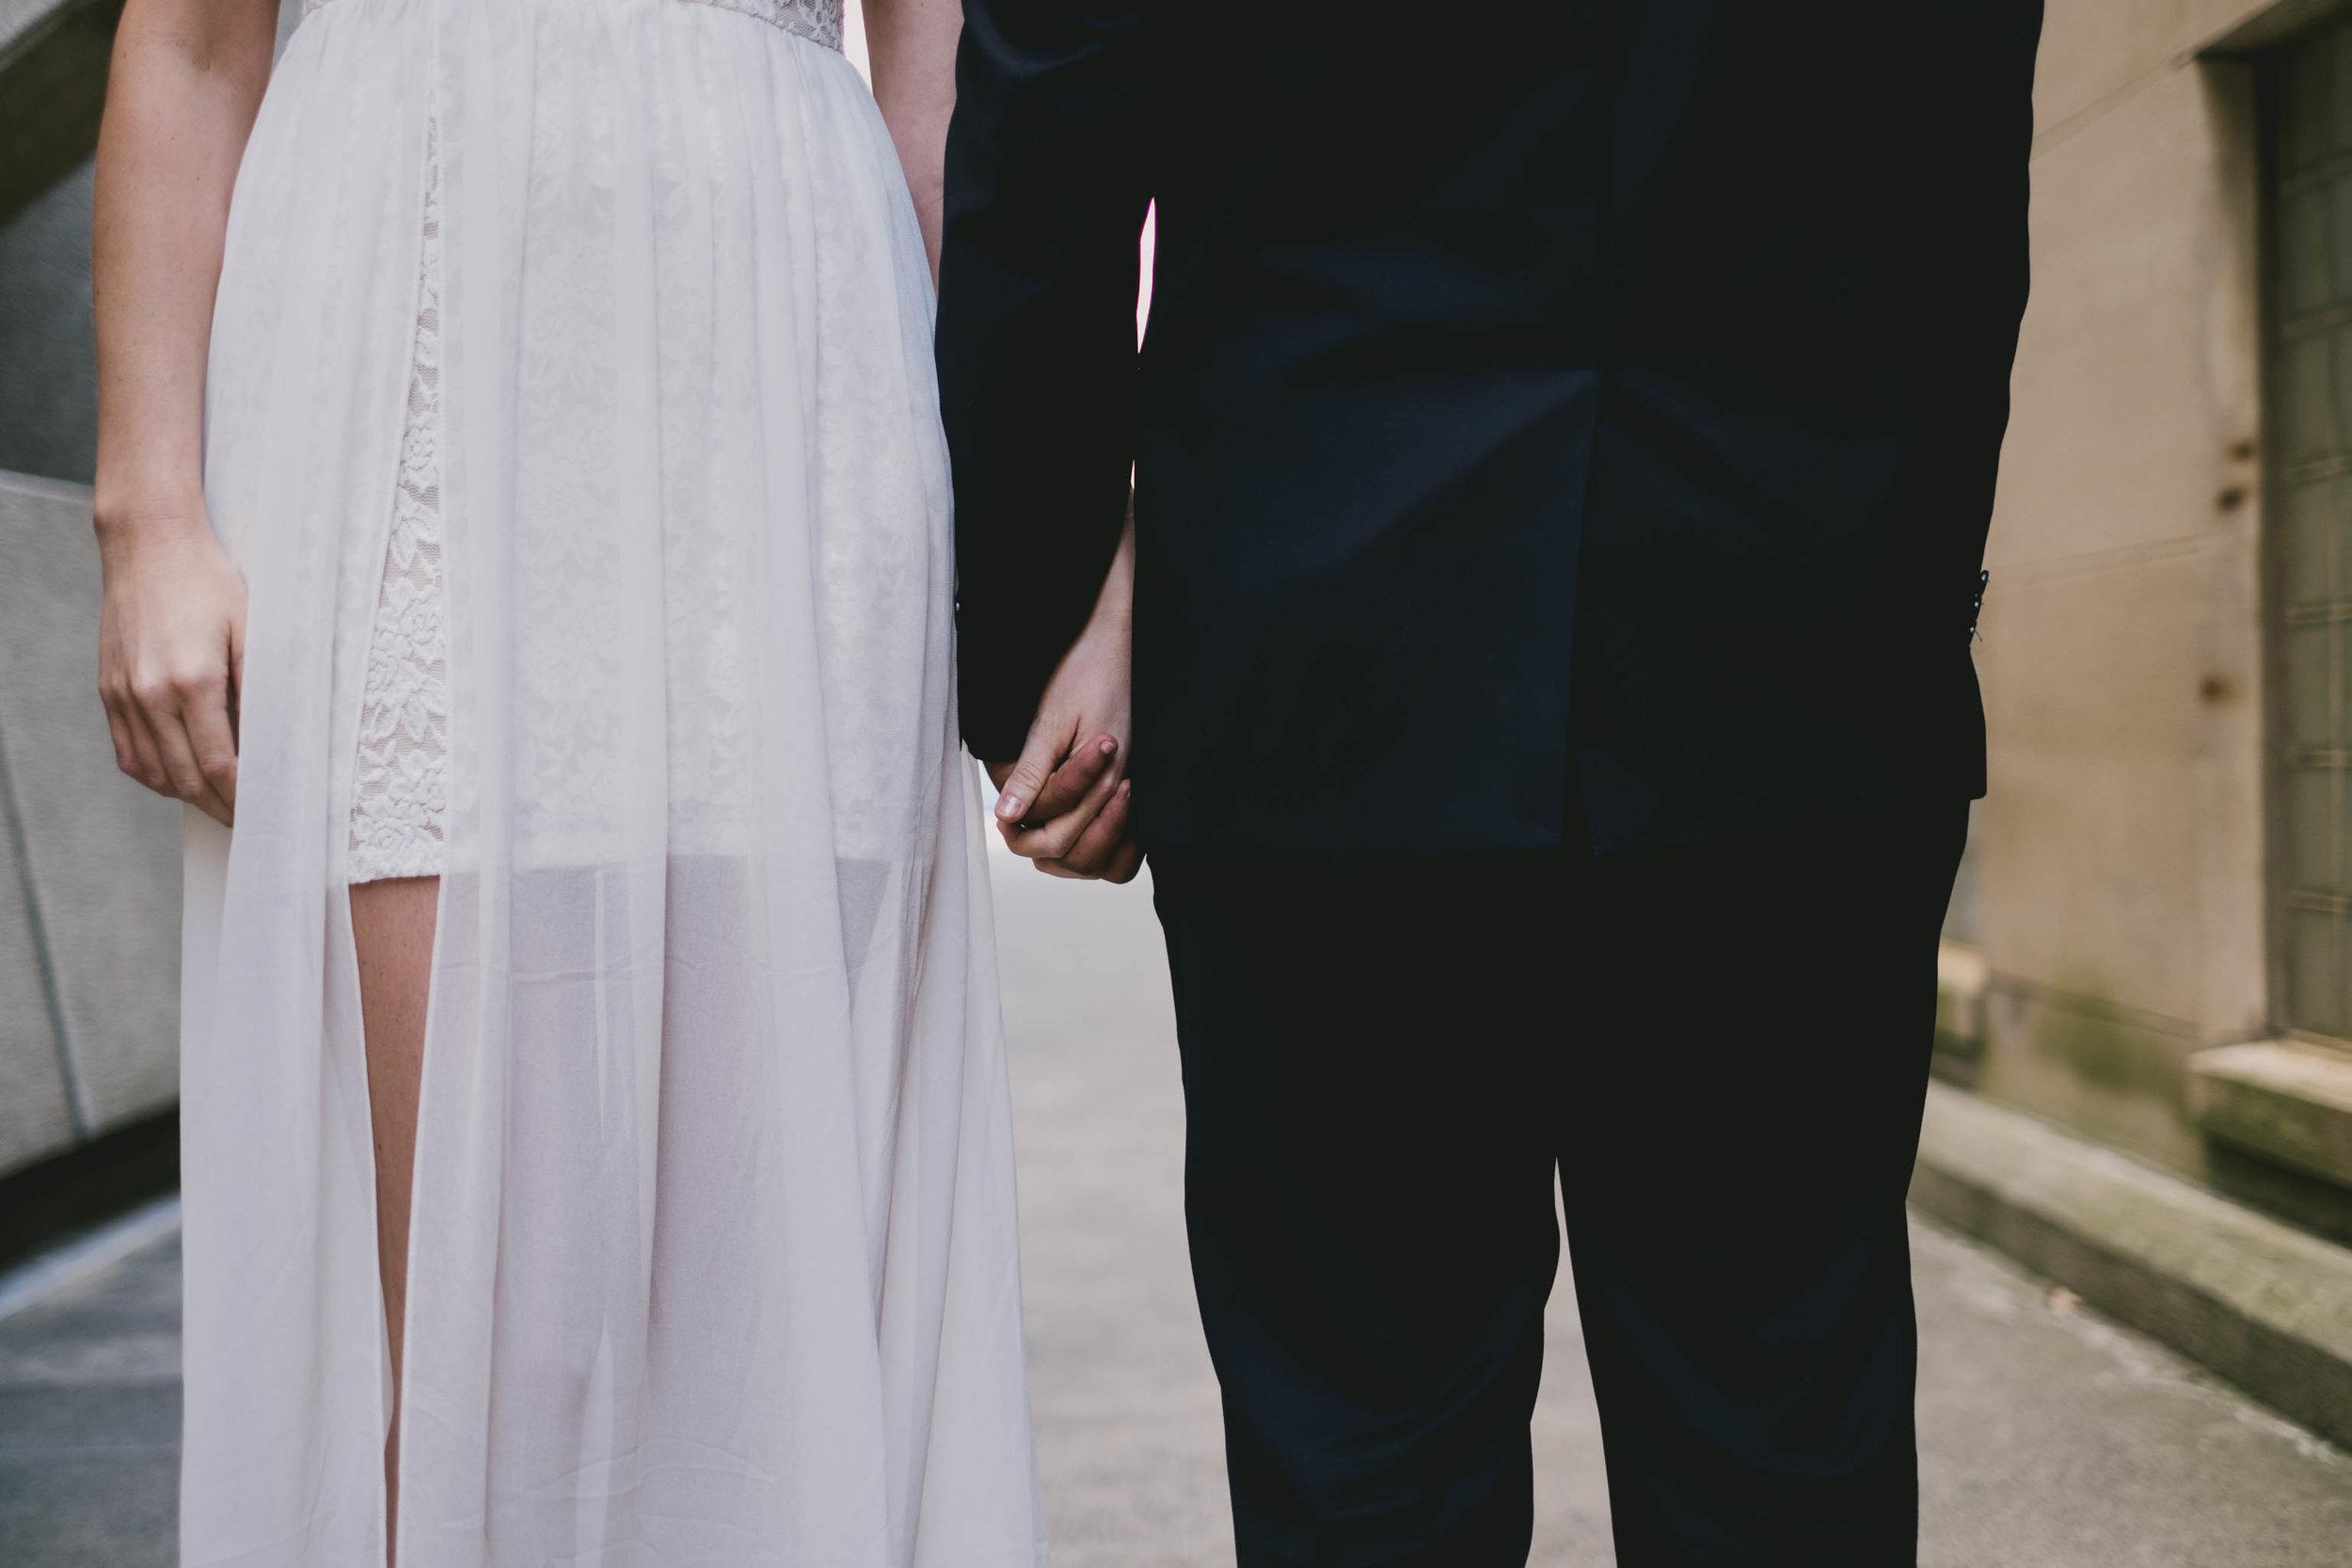 raleigh-elopement-detail-photo.jpg